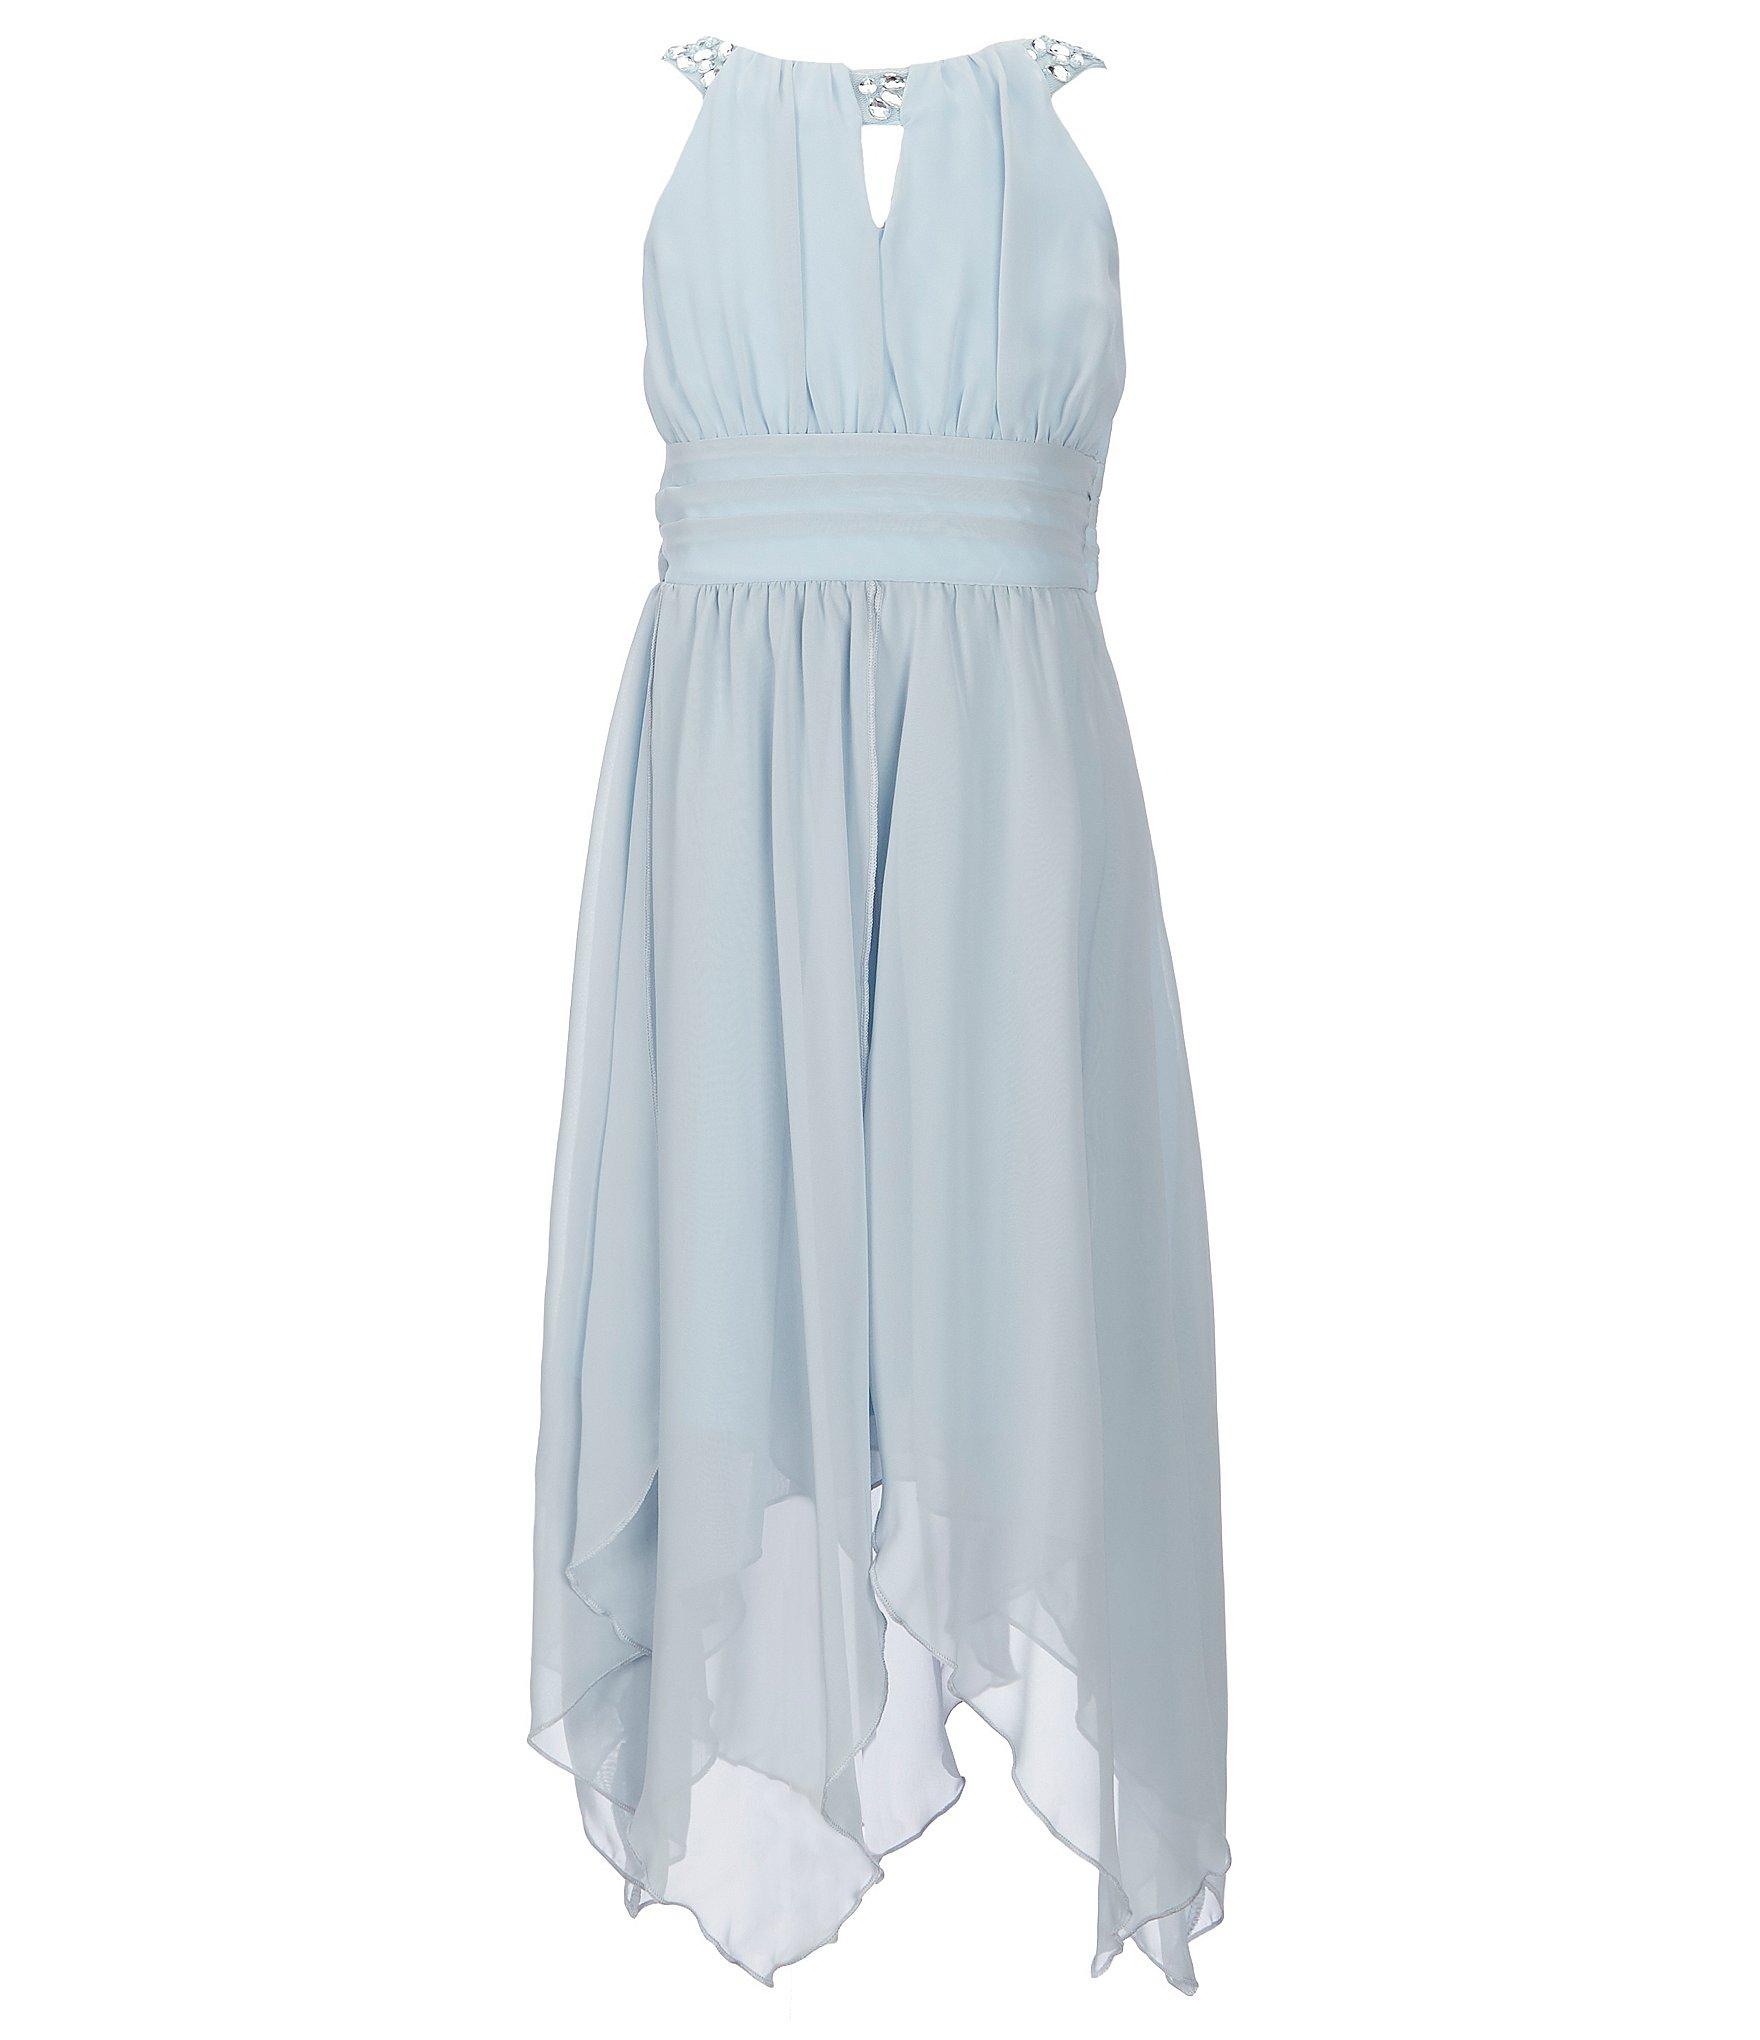 ea889464f9d Girls  Party Dresses 7-16